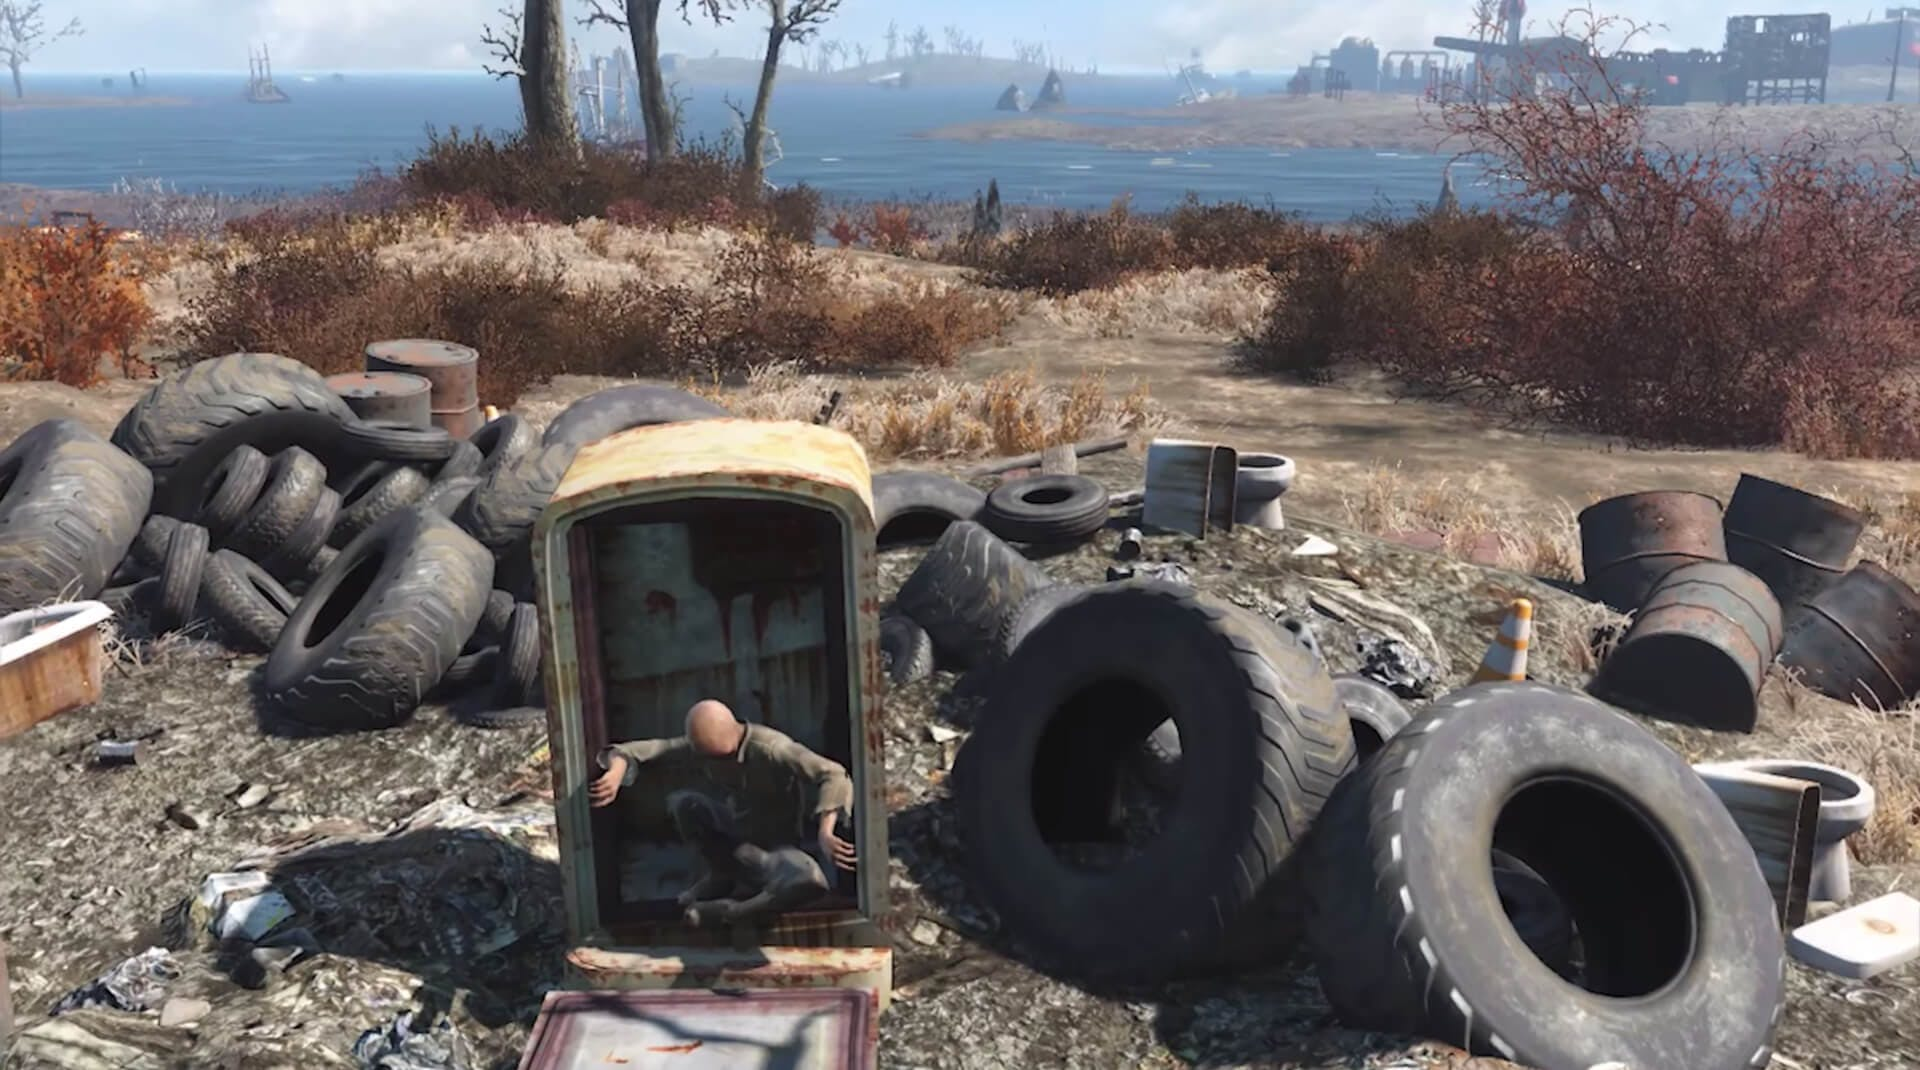 Kid in a fridge - Fallout 4 secrets